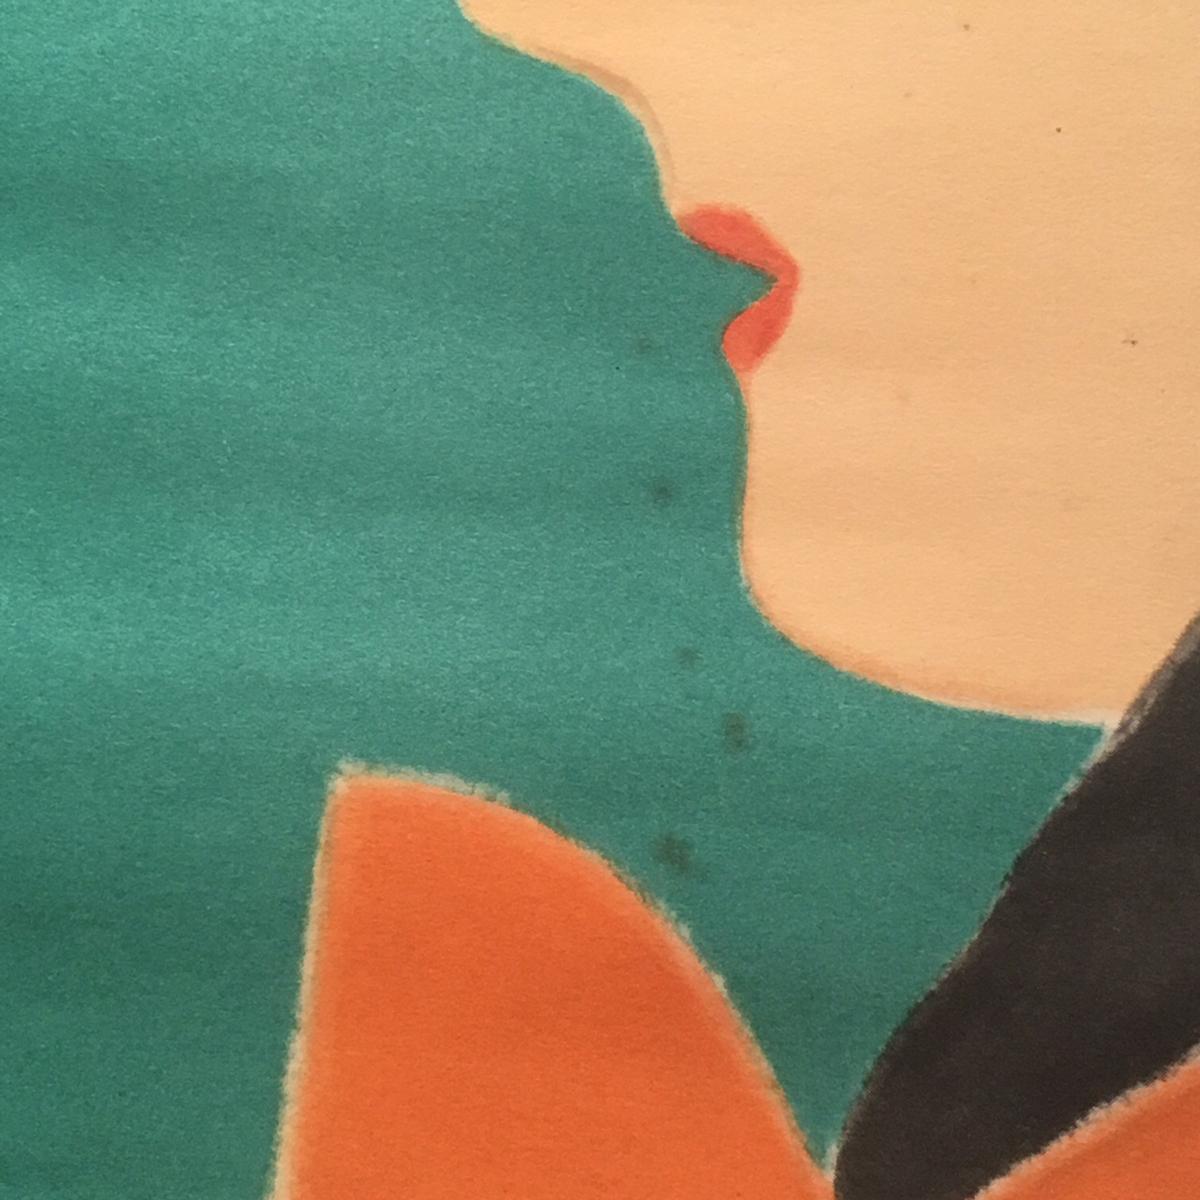 ★ 戦前 ポスター 河野鷹思デザイン?花王石鹸 化粧用 ツバメ石鹸 ☆資生堂 山名文夫 タイポグラフィ _画像6